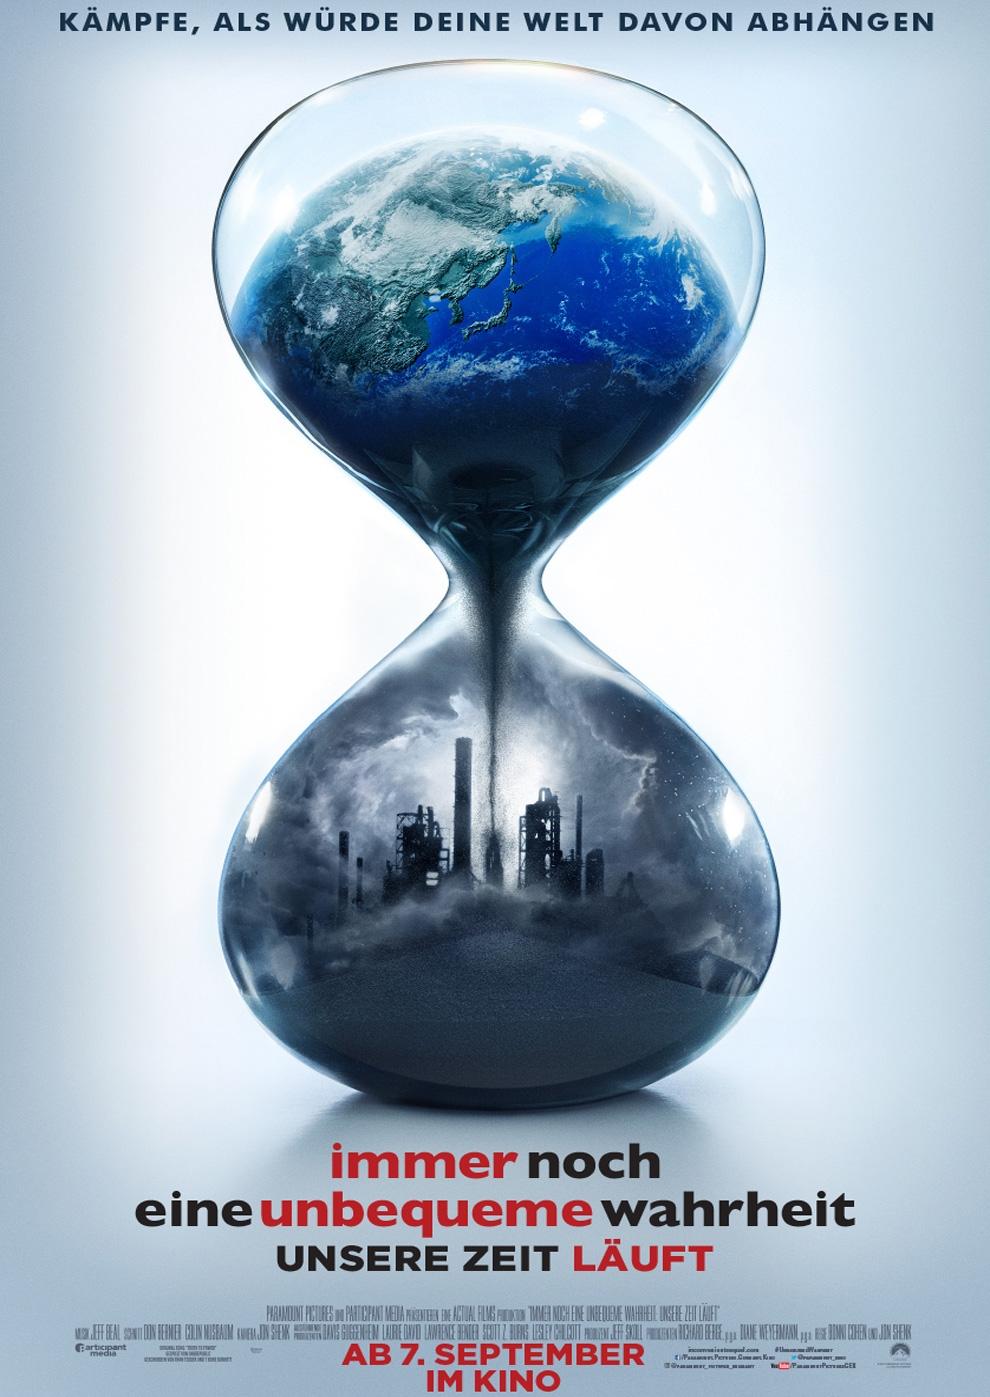 Immer noch eine unbequeme Wahrheit - Unsere Zeit läuft (Poster)